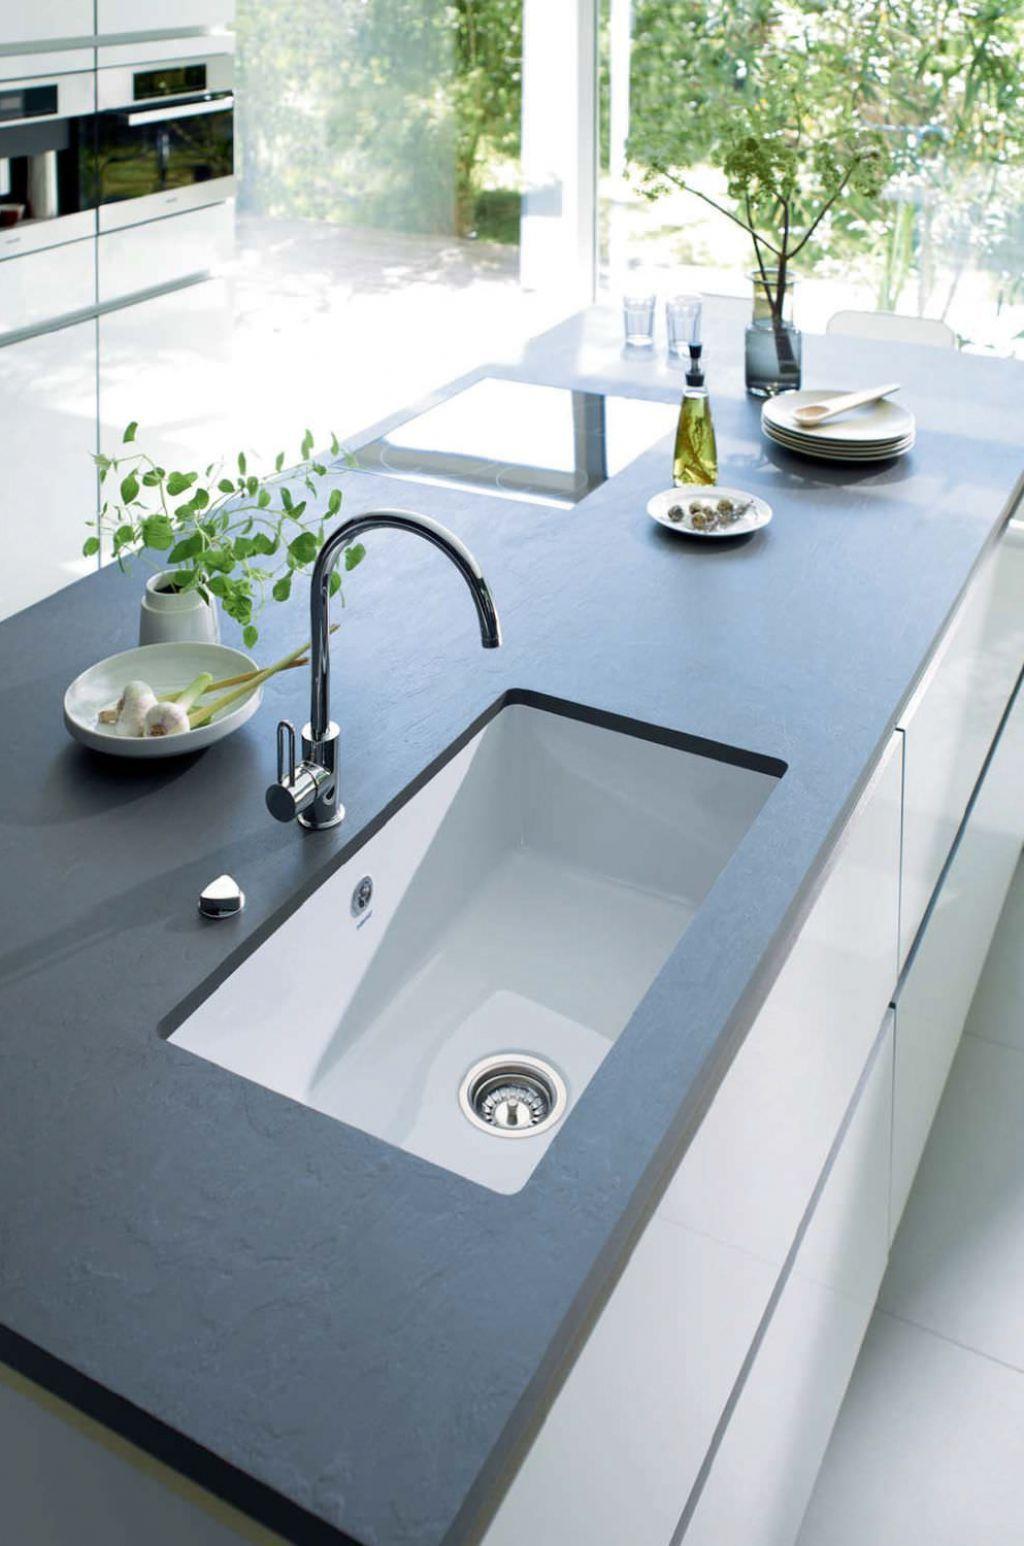 Ecke Kuche Spule Korb Edelstahl Doppel Spulbecken Farbige Spulbecken Schlafzimmer Kitchen Sink Design Minimalist Home Ceramic Kitchen Sinks